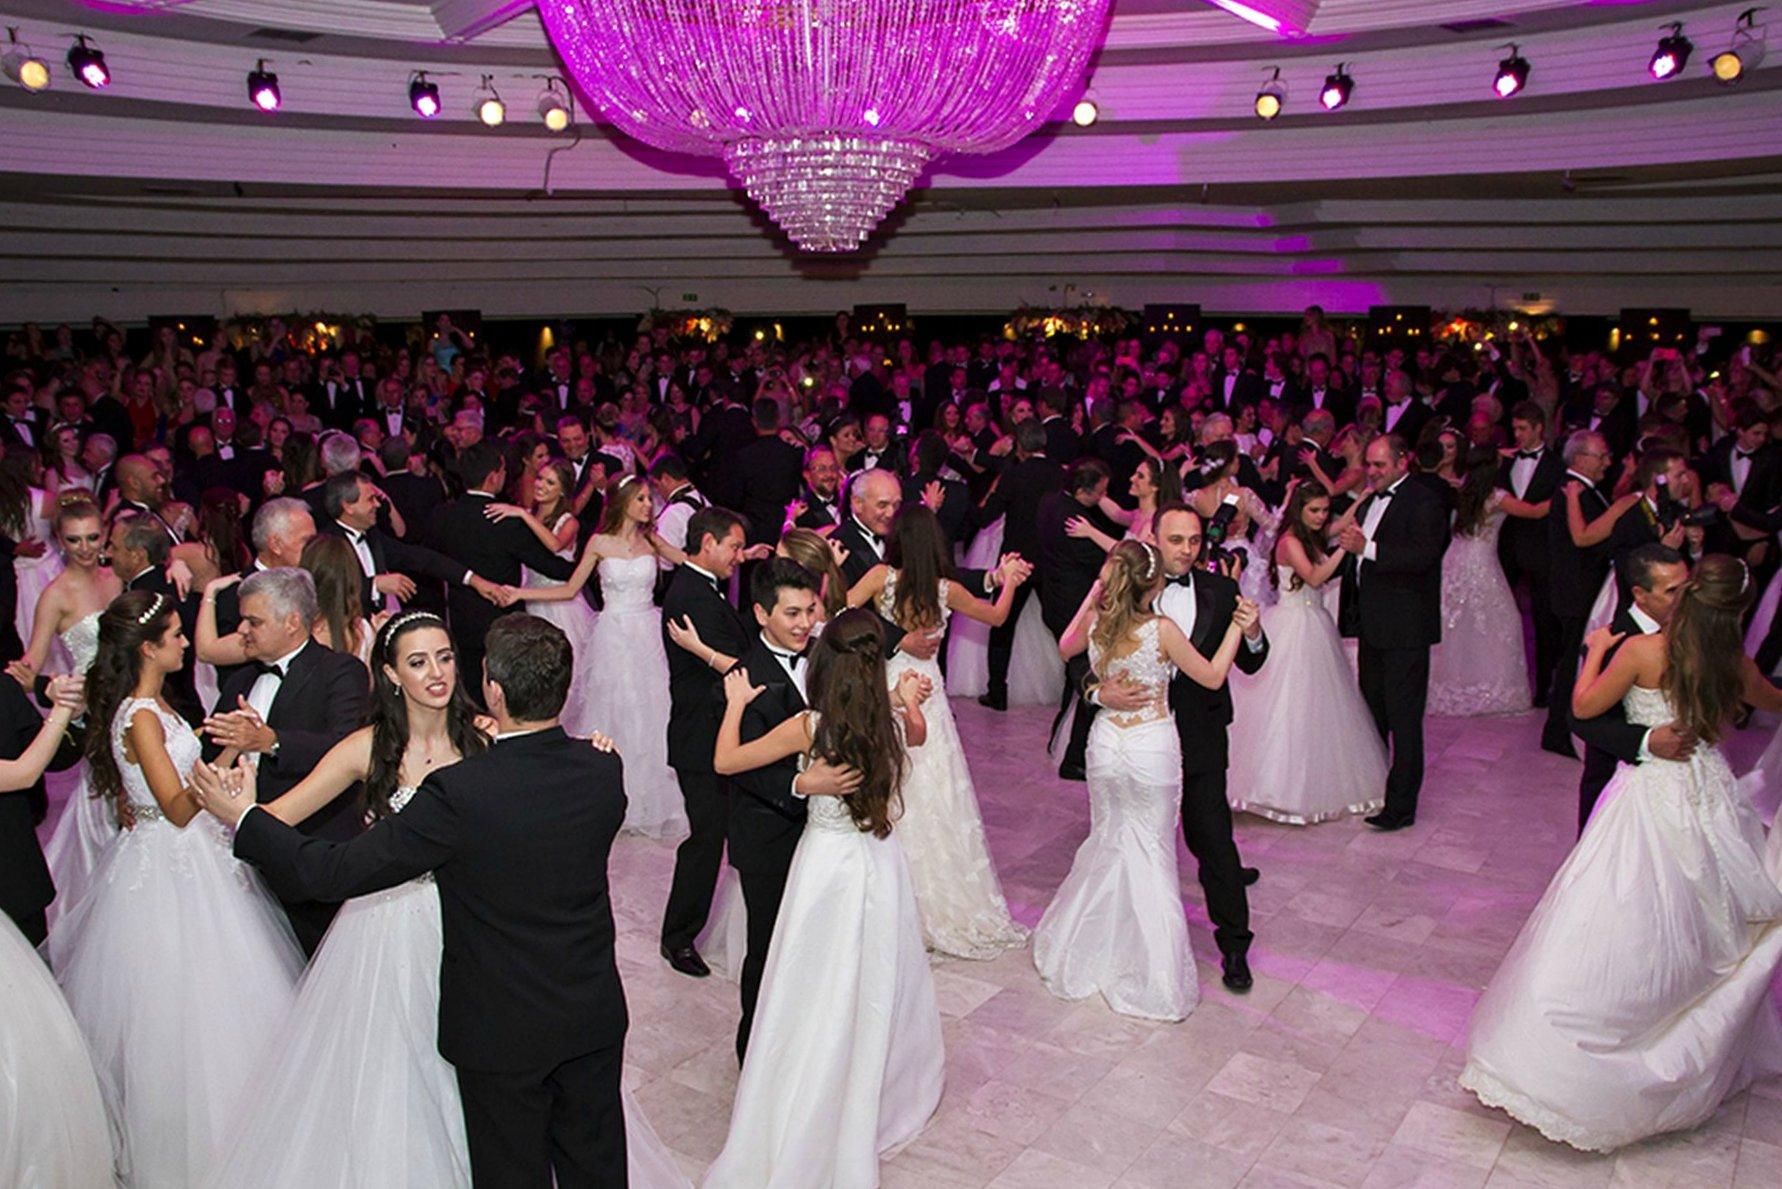 baile debutante clube curitibano amplo.jpg?resize=300,169 - Tenebroso! Você sabe qual é a origem das festas de debutantes?